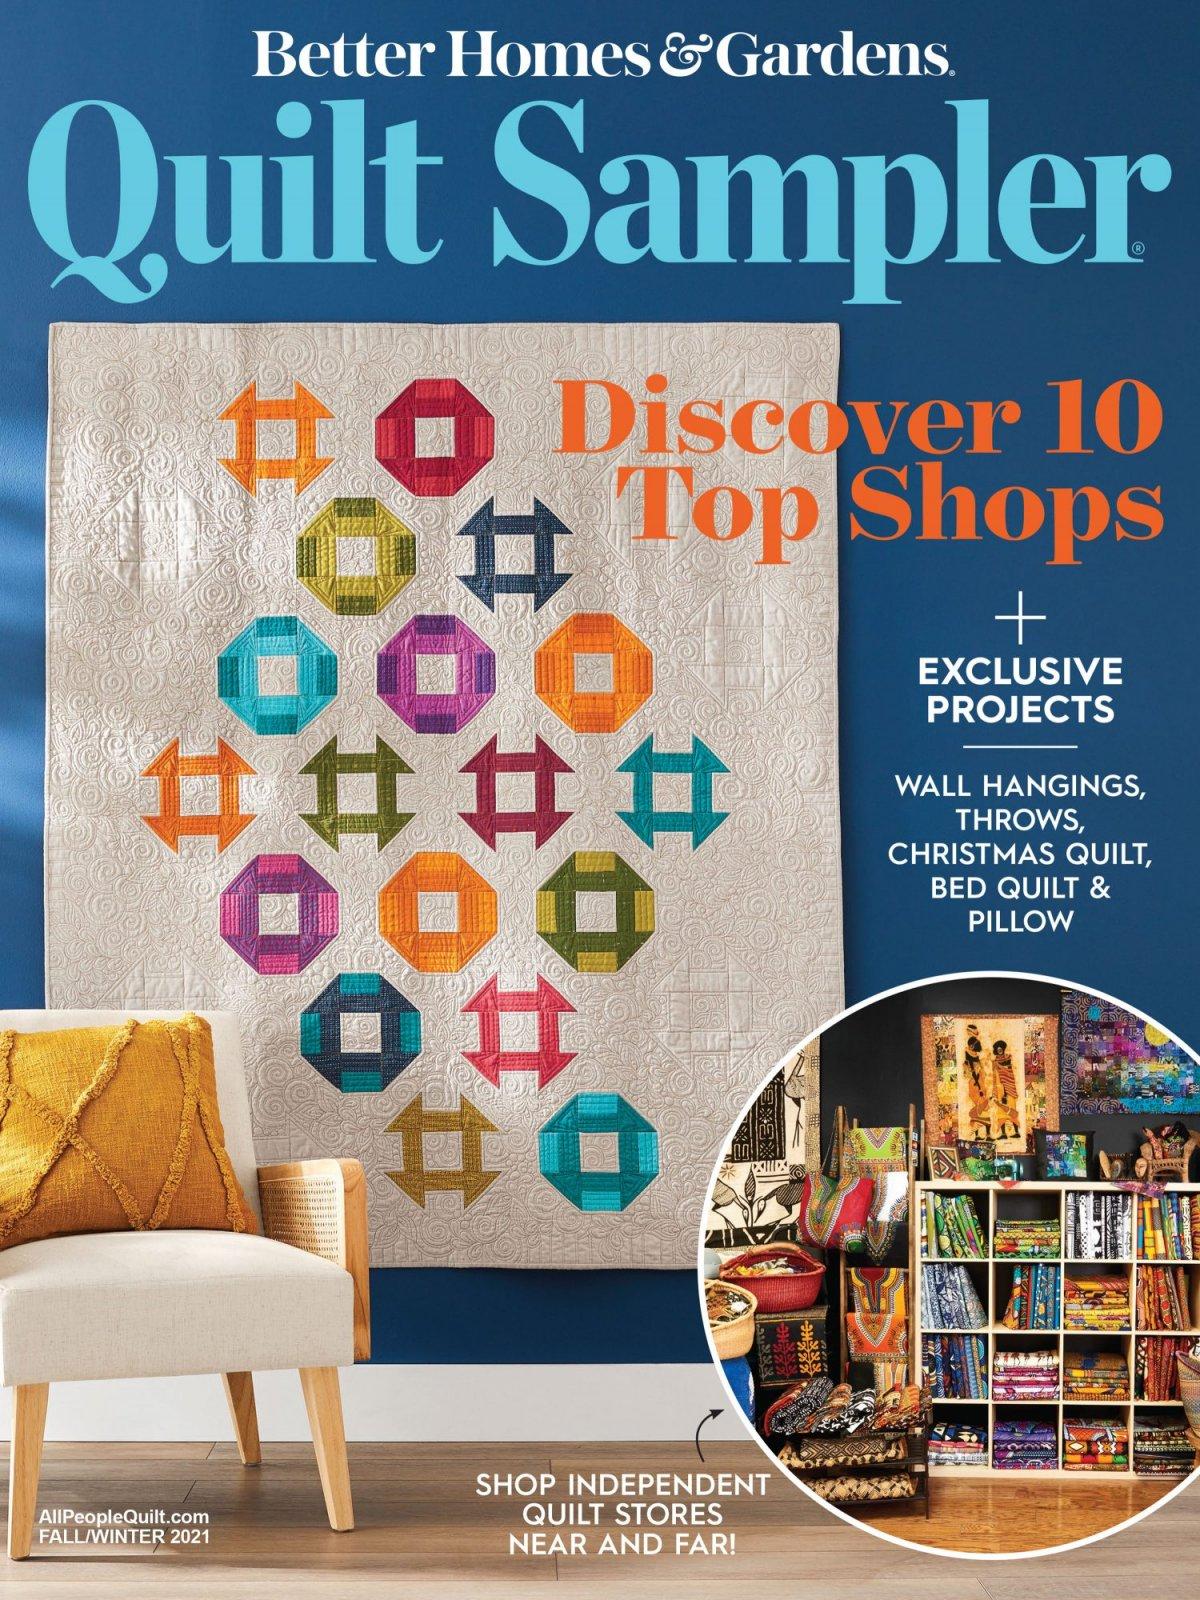 Quilt Sampler BH&G (Fall/Winter 2021)